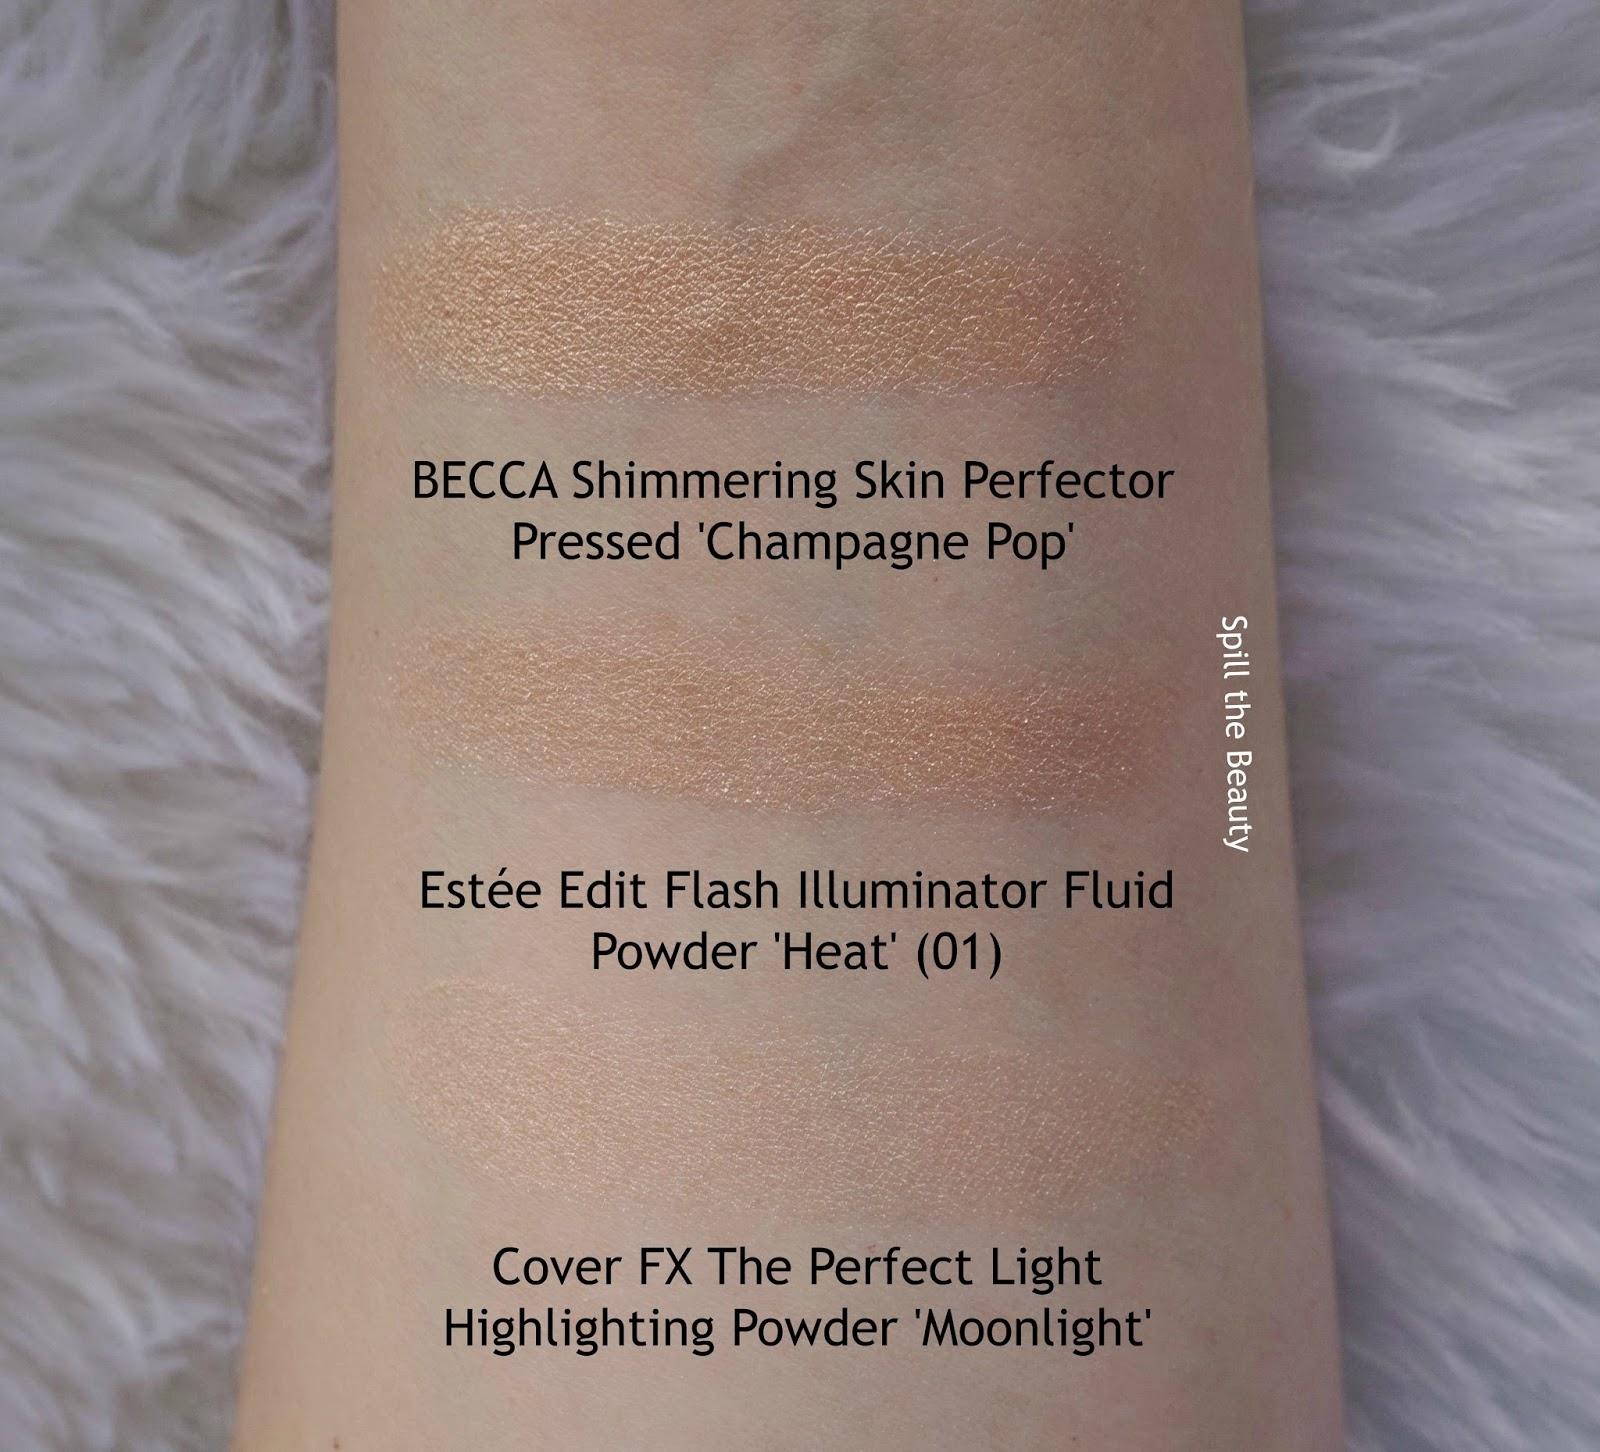 estee lauder Estée Edit Flash Illuminator Fluid Powder Heat 01 review comparison swatches becca champgne pop cover fx moonlight